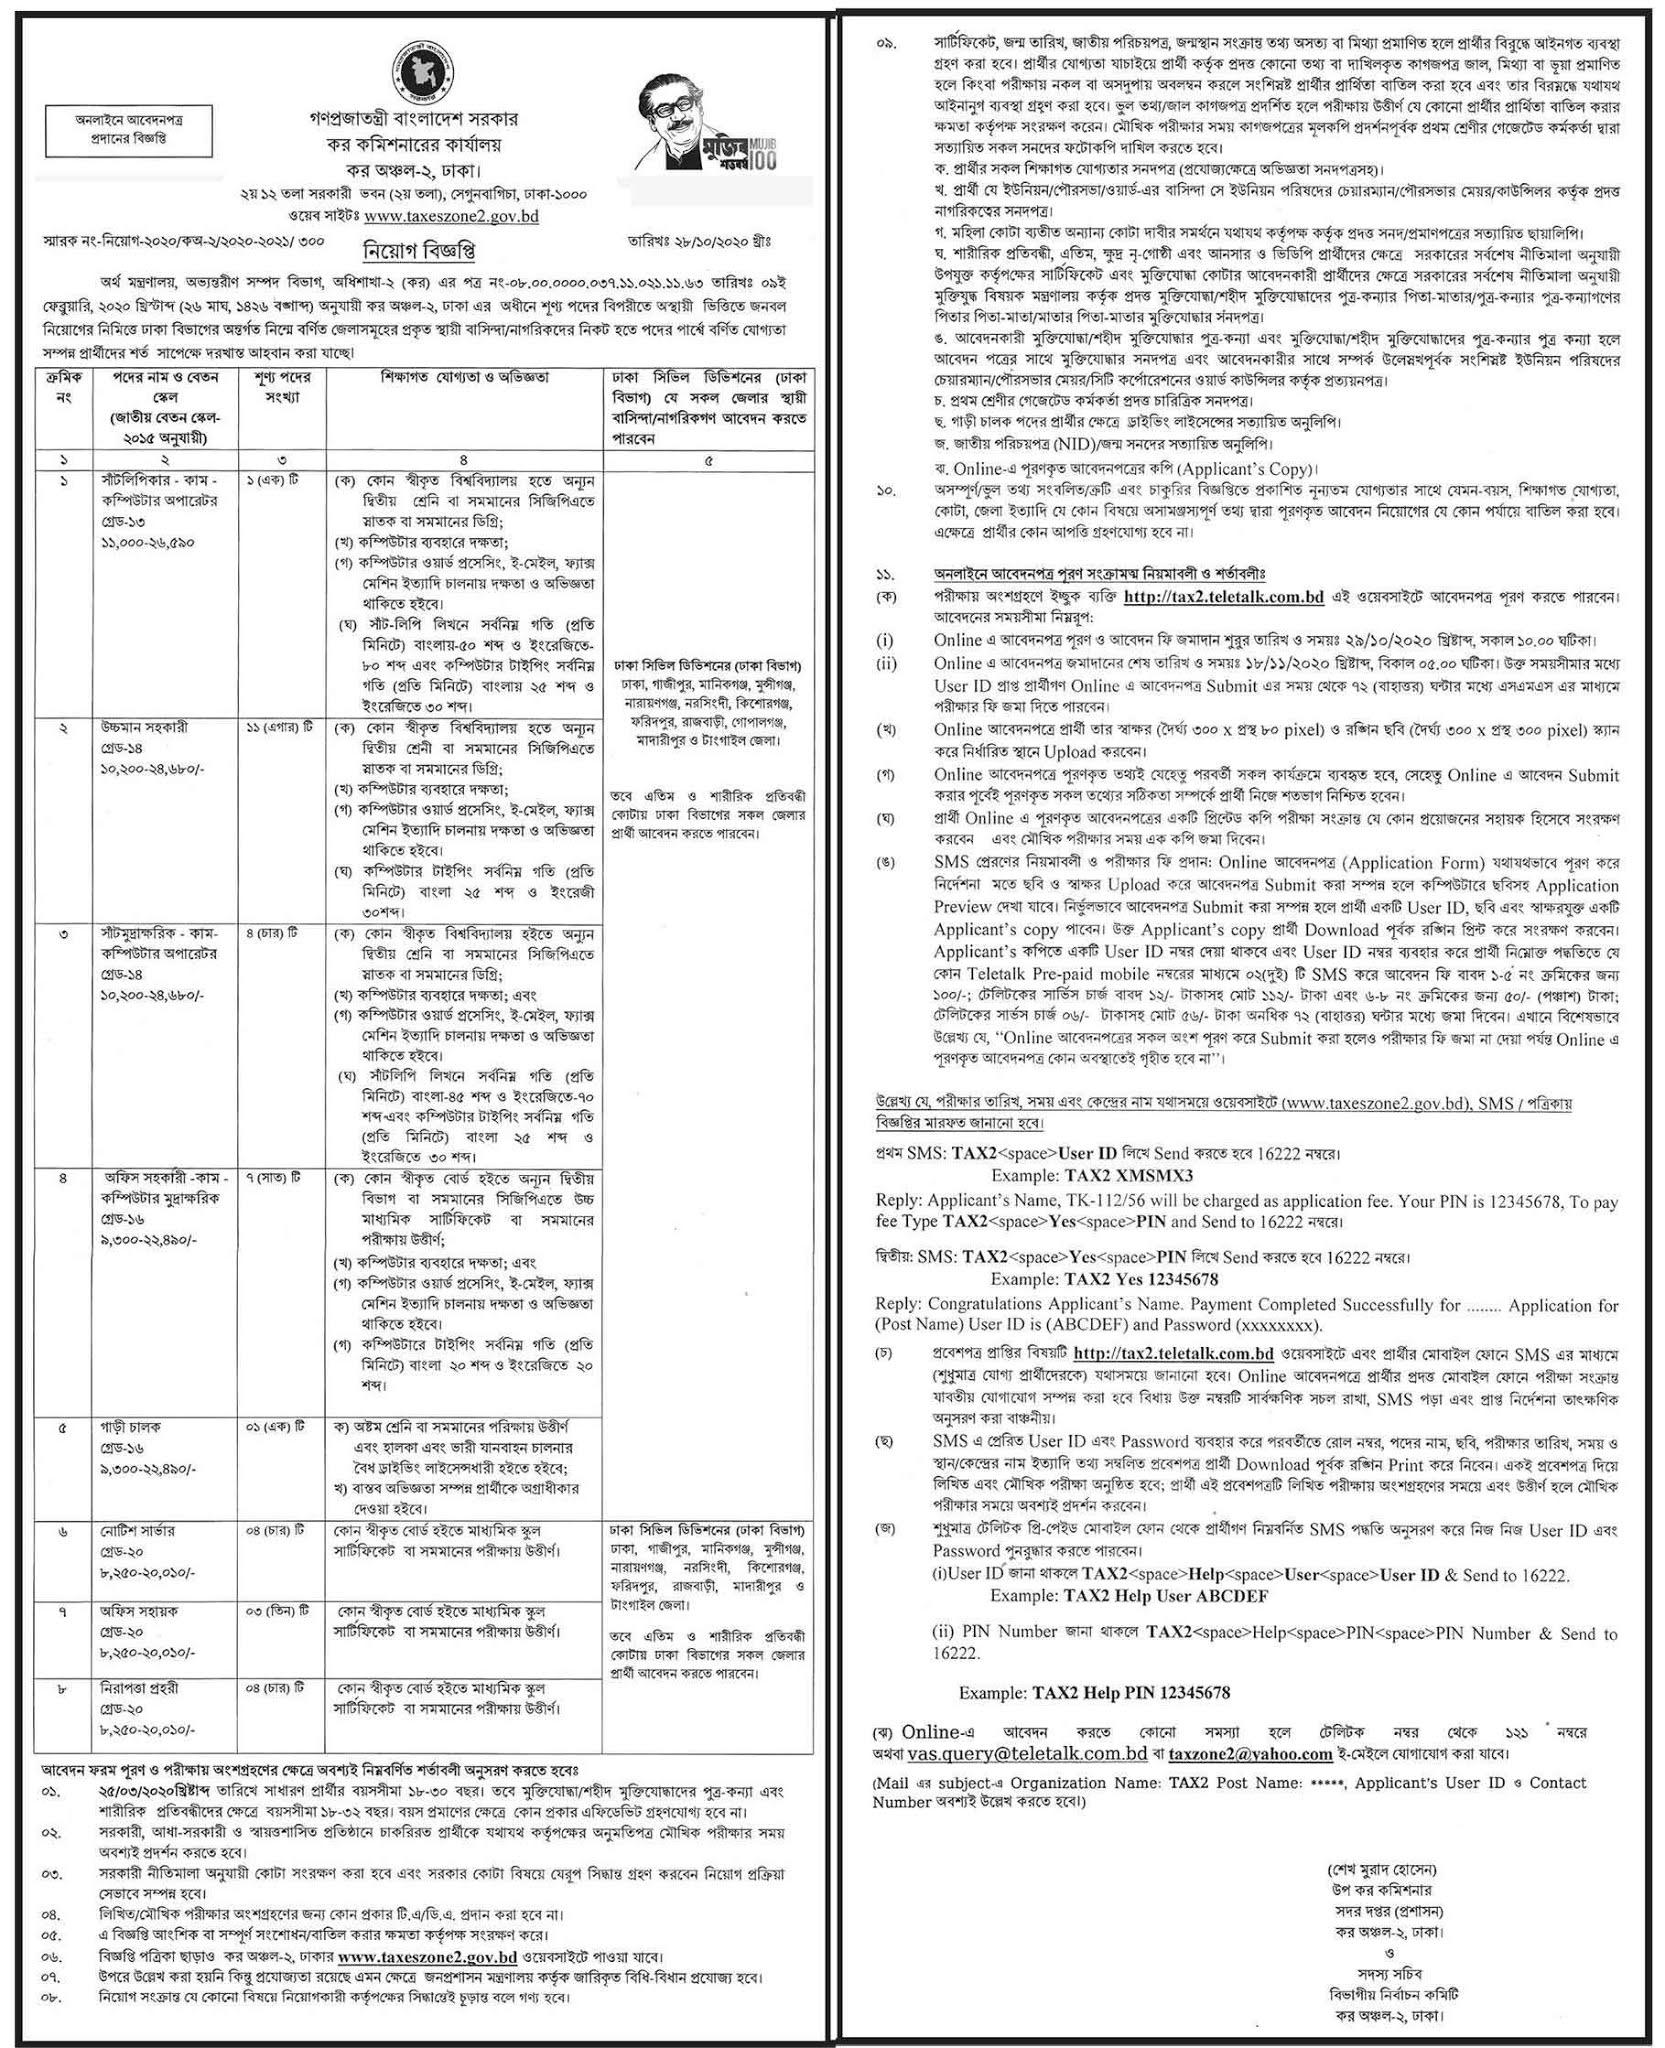 কর কমিশনারের কার্যালয়ে নিয়োগ বিজ্ঞপ্তি -  Tax Commissioner's Office Job Circular